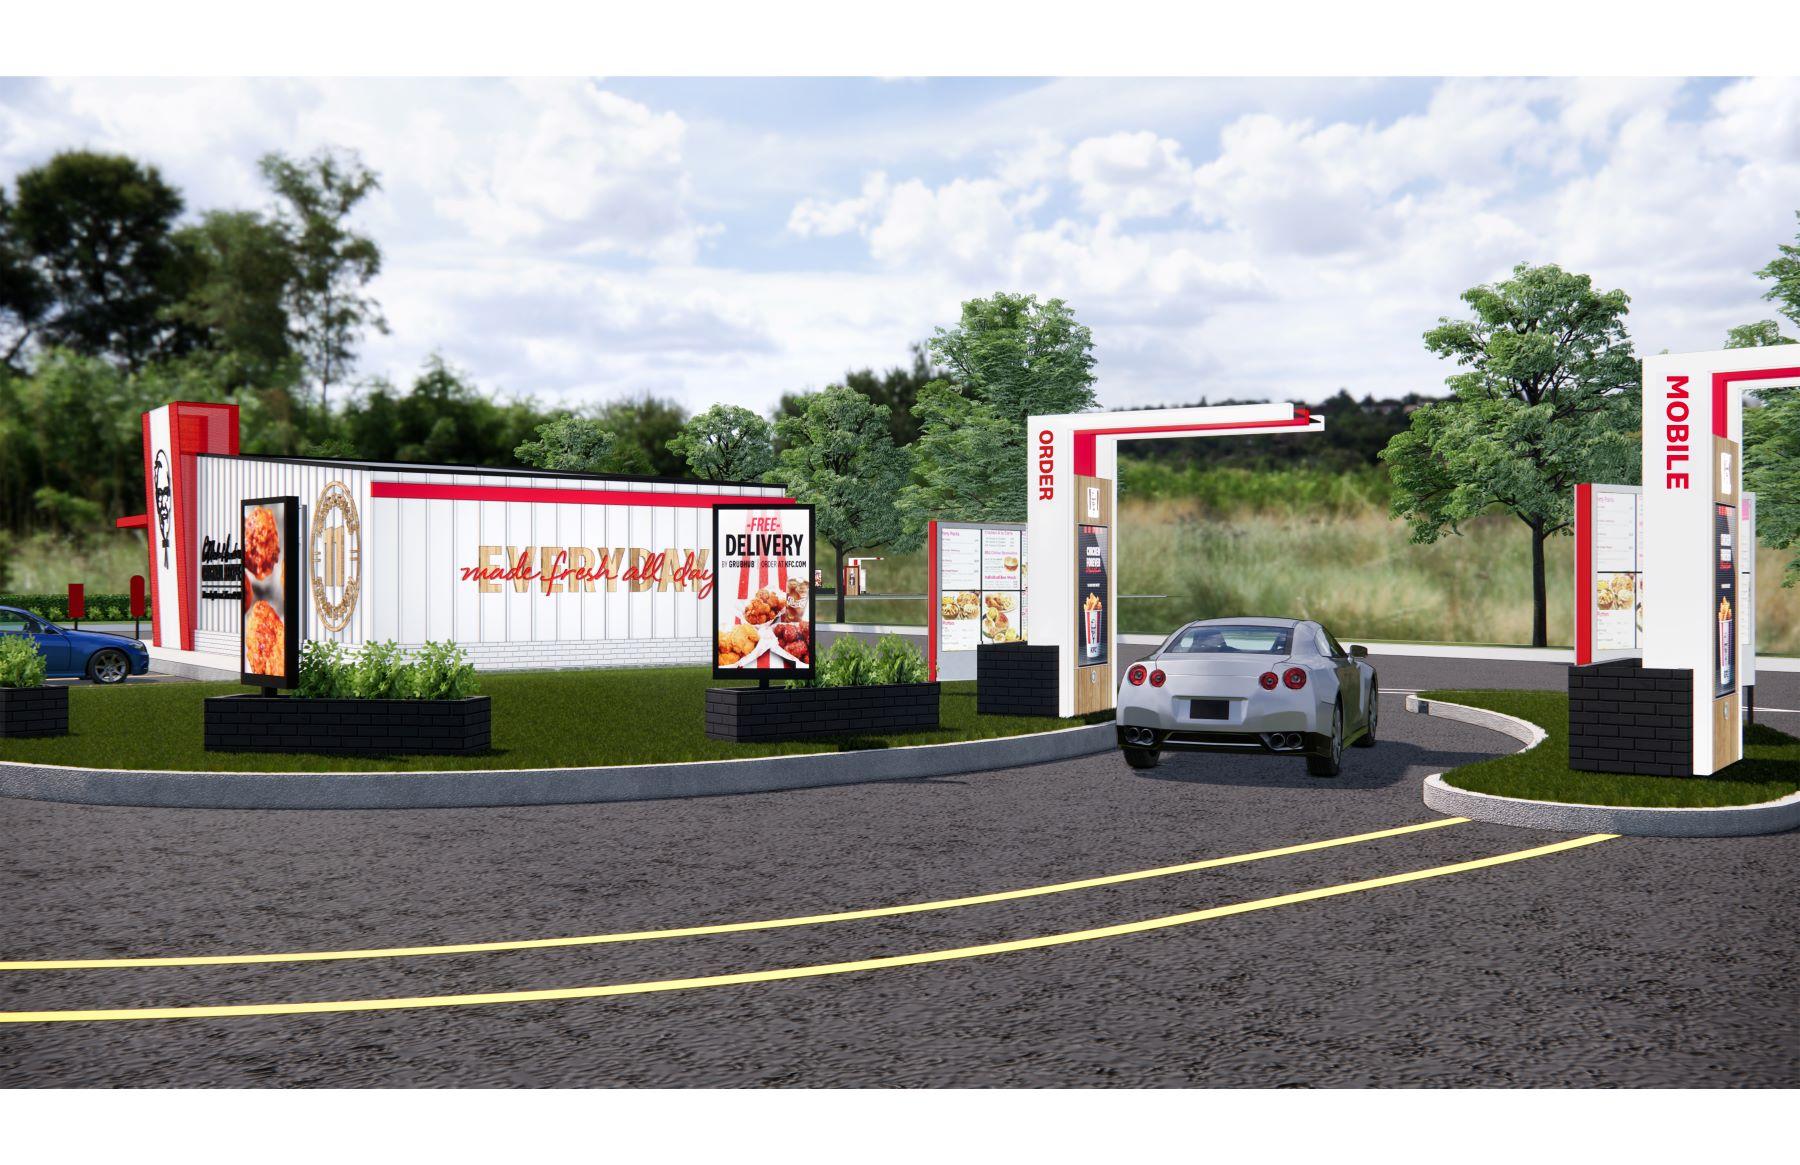 KFC drive-thru